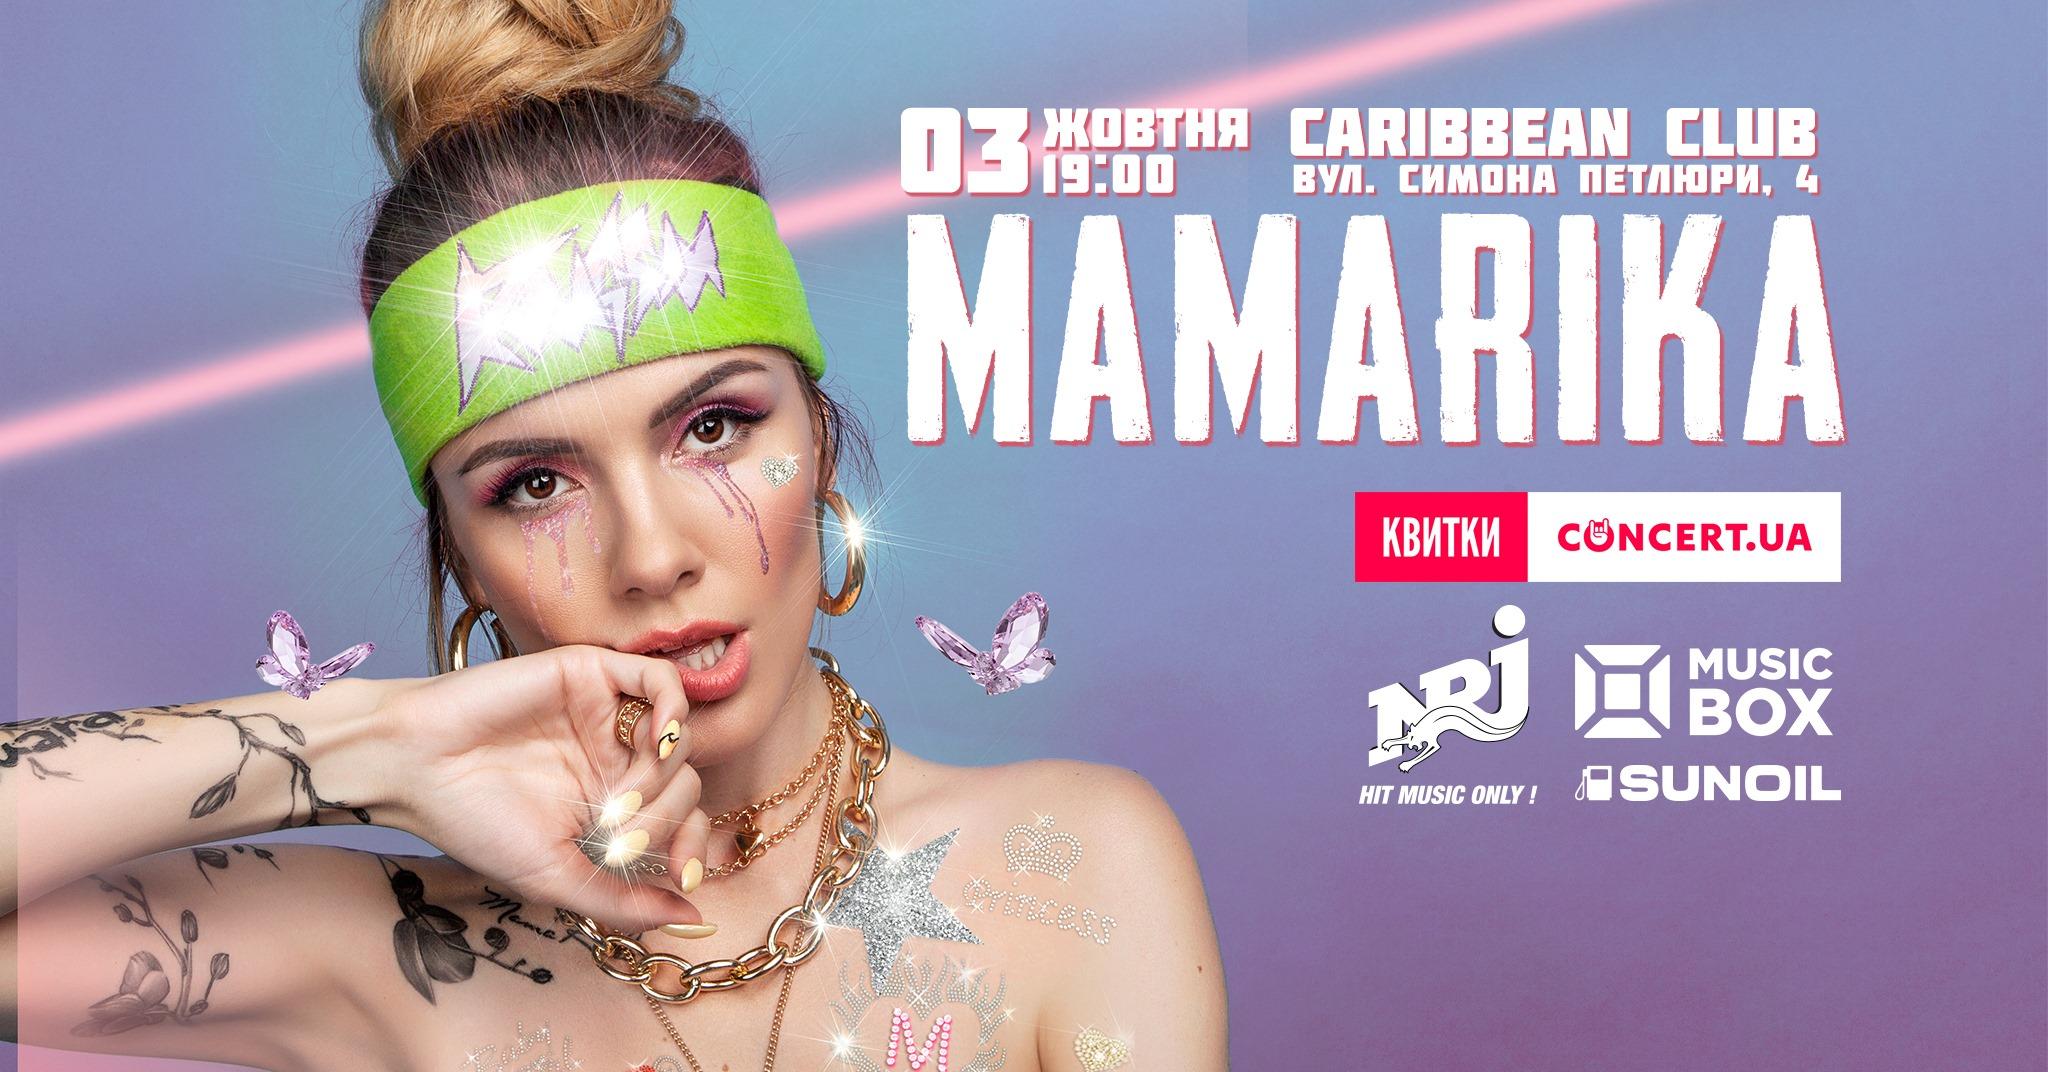 Видеоприглашение 3.10 Caribbean Club, Киев, Мамарика — сольный концерт